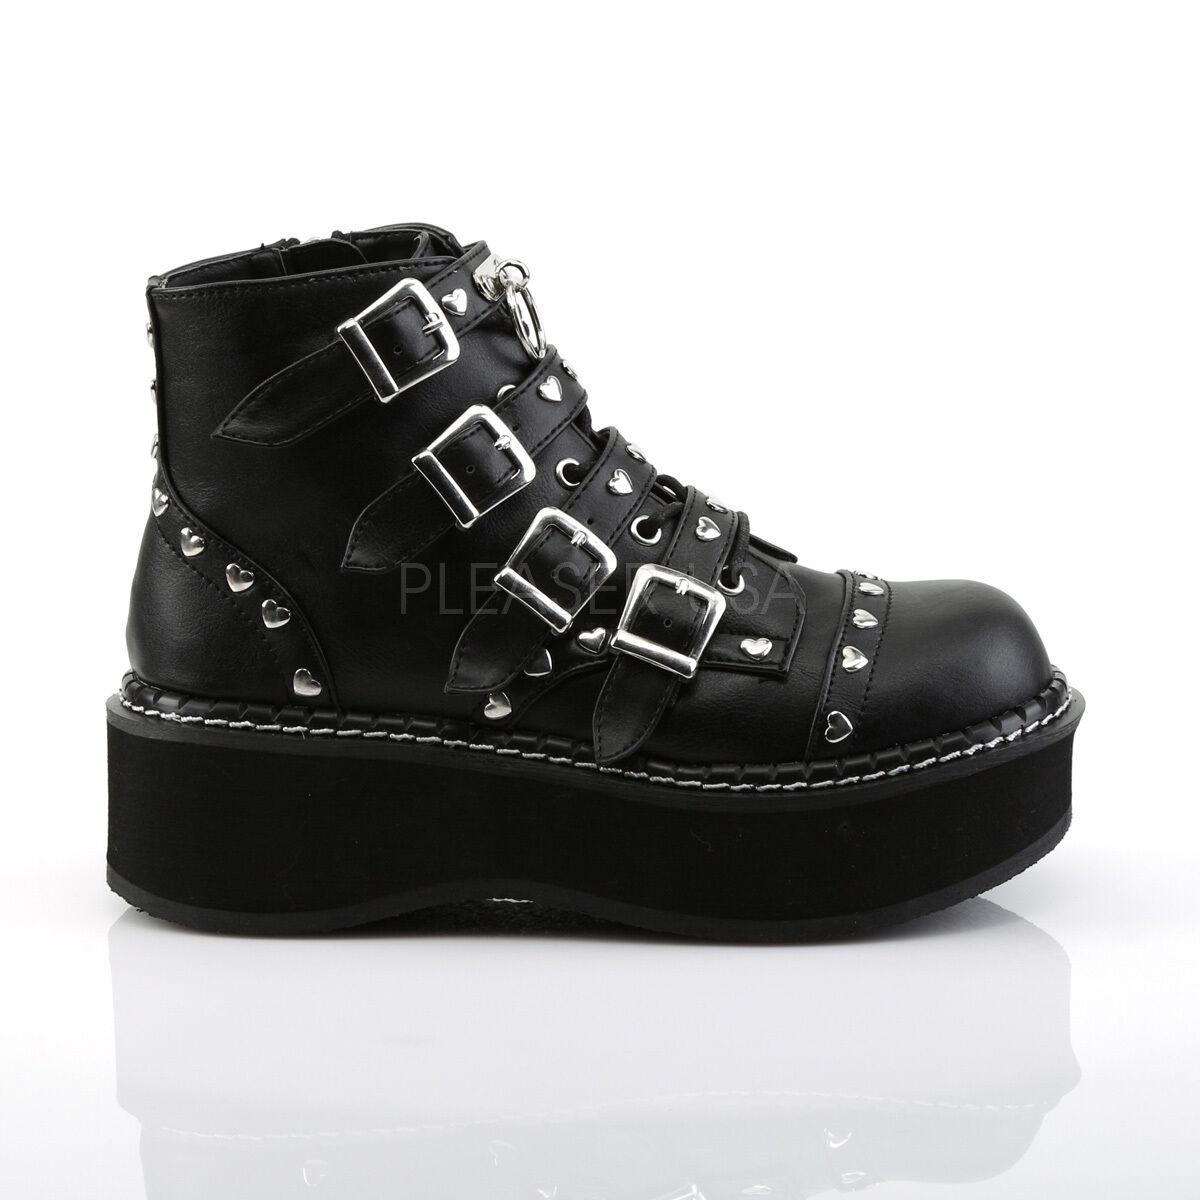 Demonia Negro Vegano Hebilla 2  Plataforma Zapatos Zapatos Zapatos botas Punk Goth Corazón Stud 6-12  Precio por piso